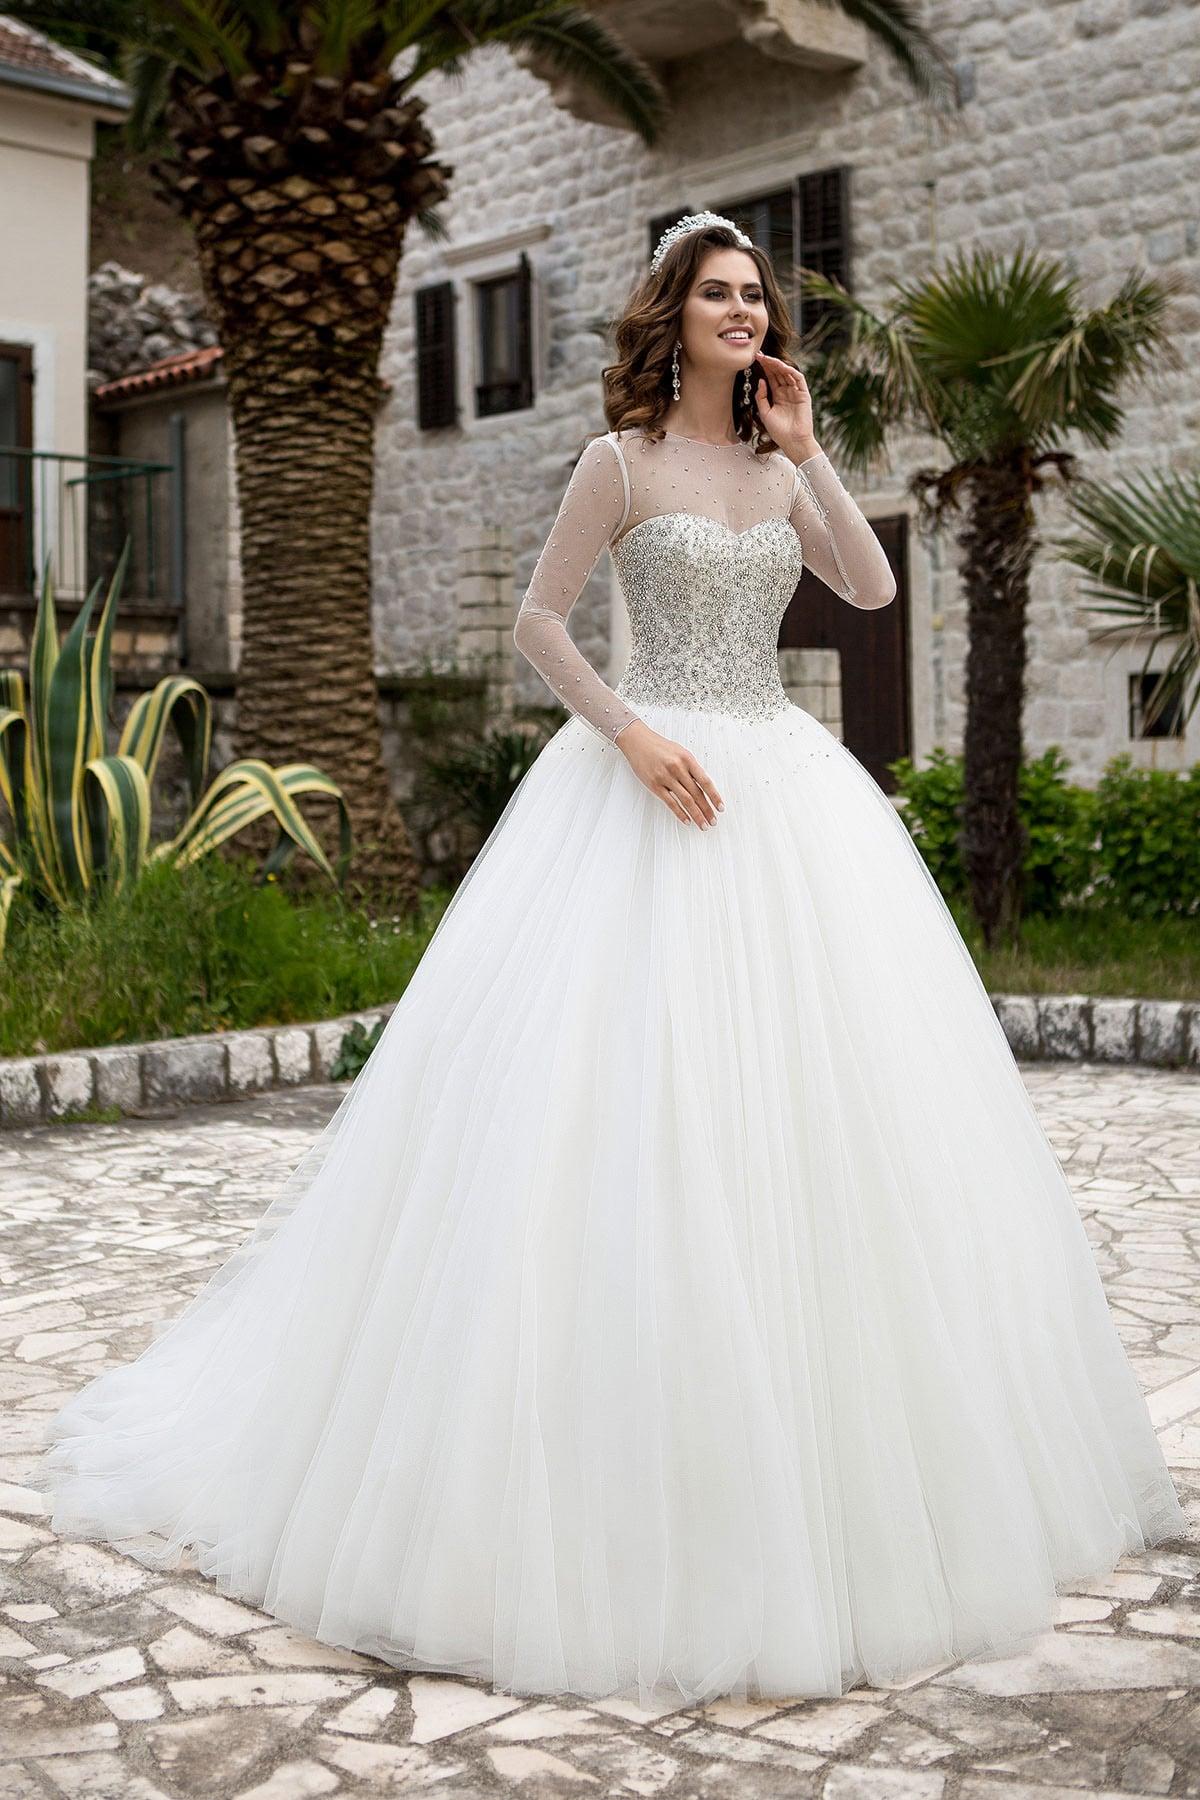 9d73fca78f5 Пышное свадебное платье с длинными прозрачными рукавами и серебристой  вышивкой по корсету.